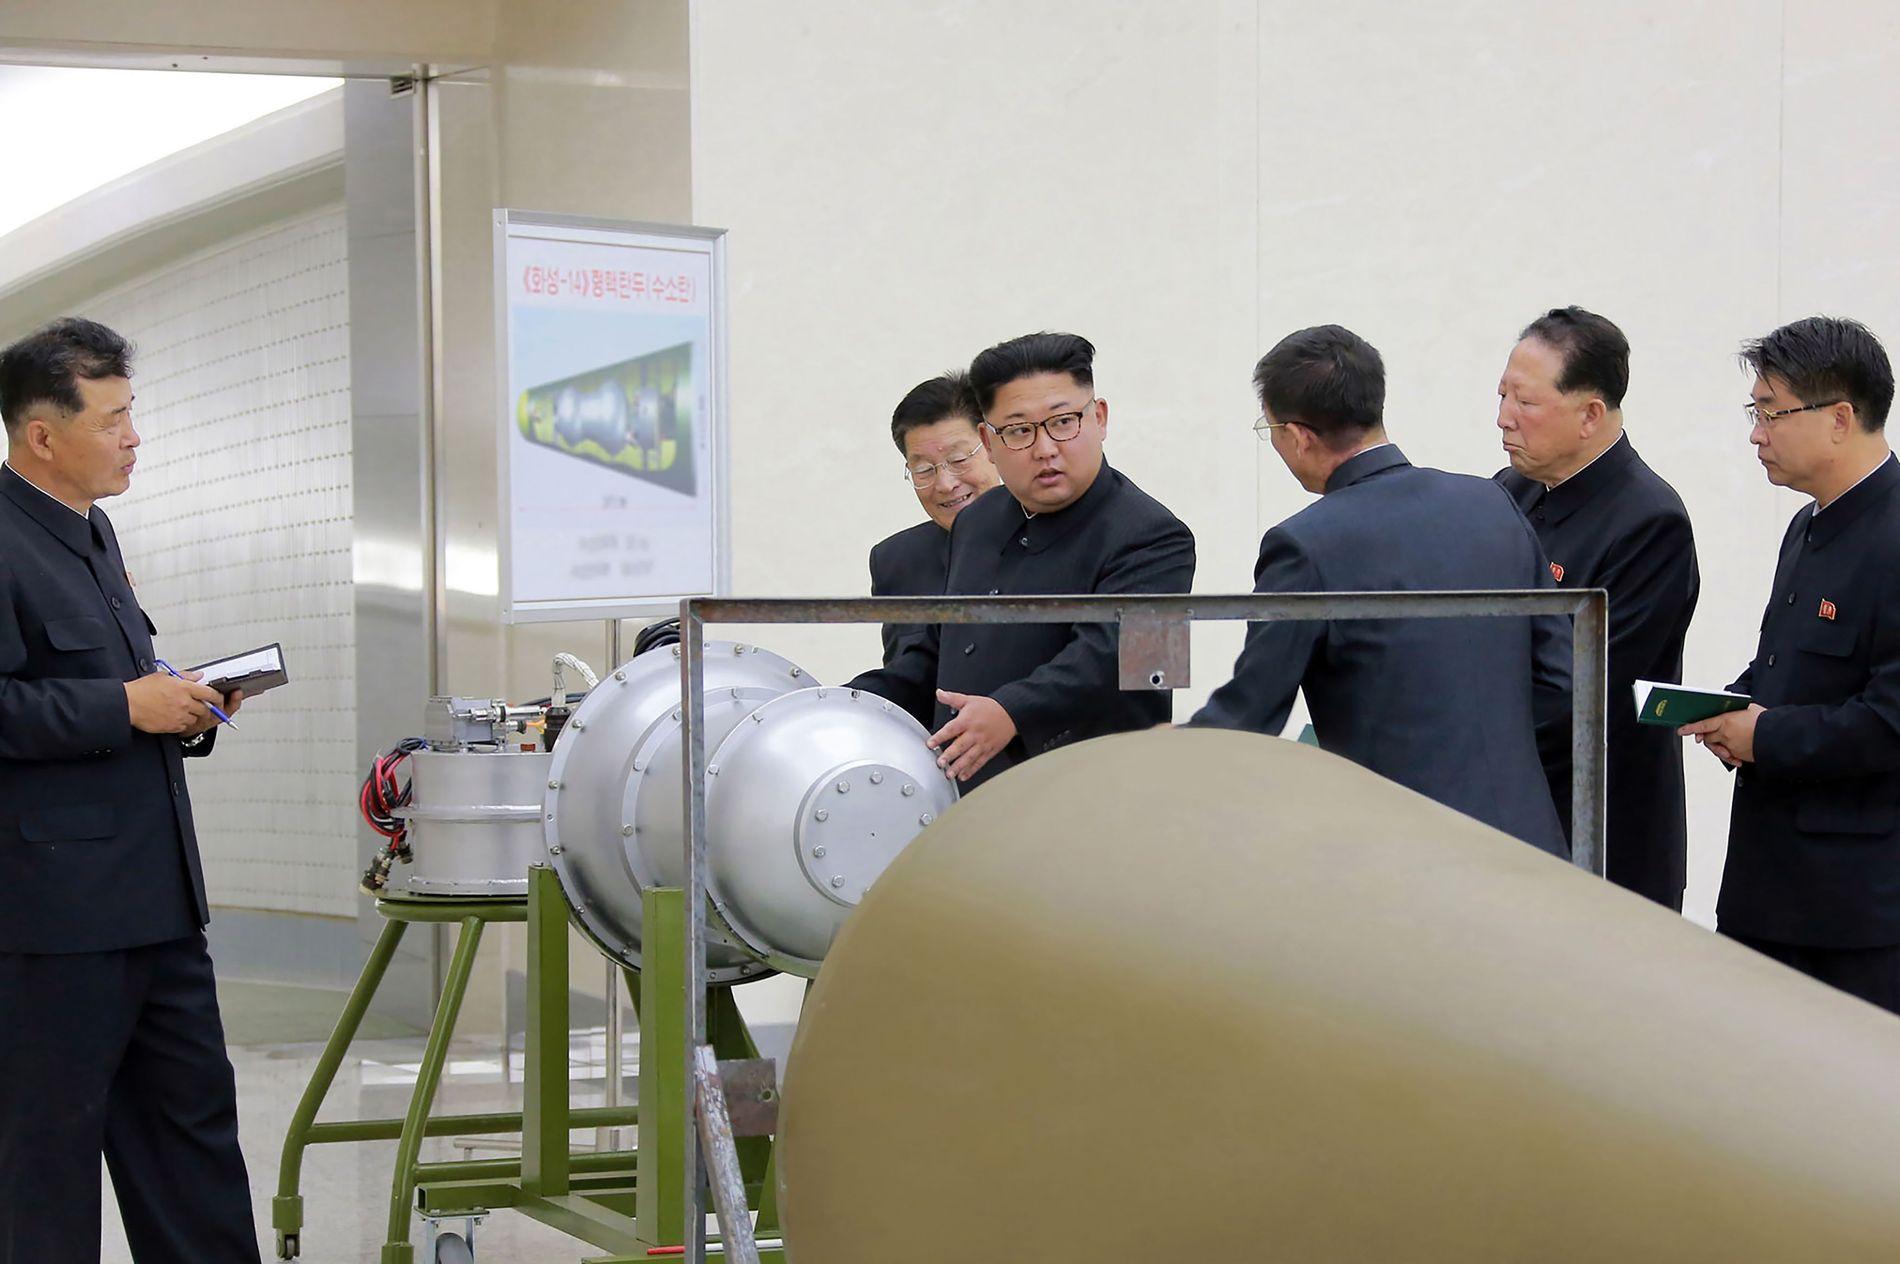 BOMBE? Bilder frigitt av det statlige nyhetsbyrået KCNA viser Nord-Koreas leder Kim Jong-un som inspiserer noe som kan se ut som en hydrogenbombe.